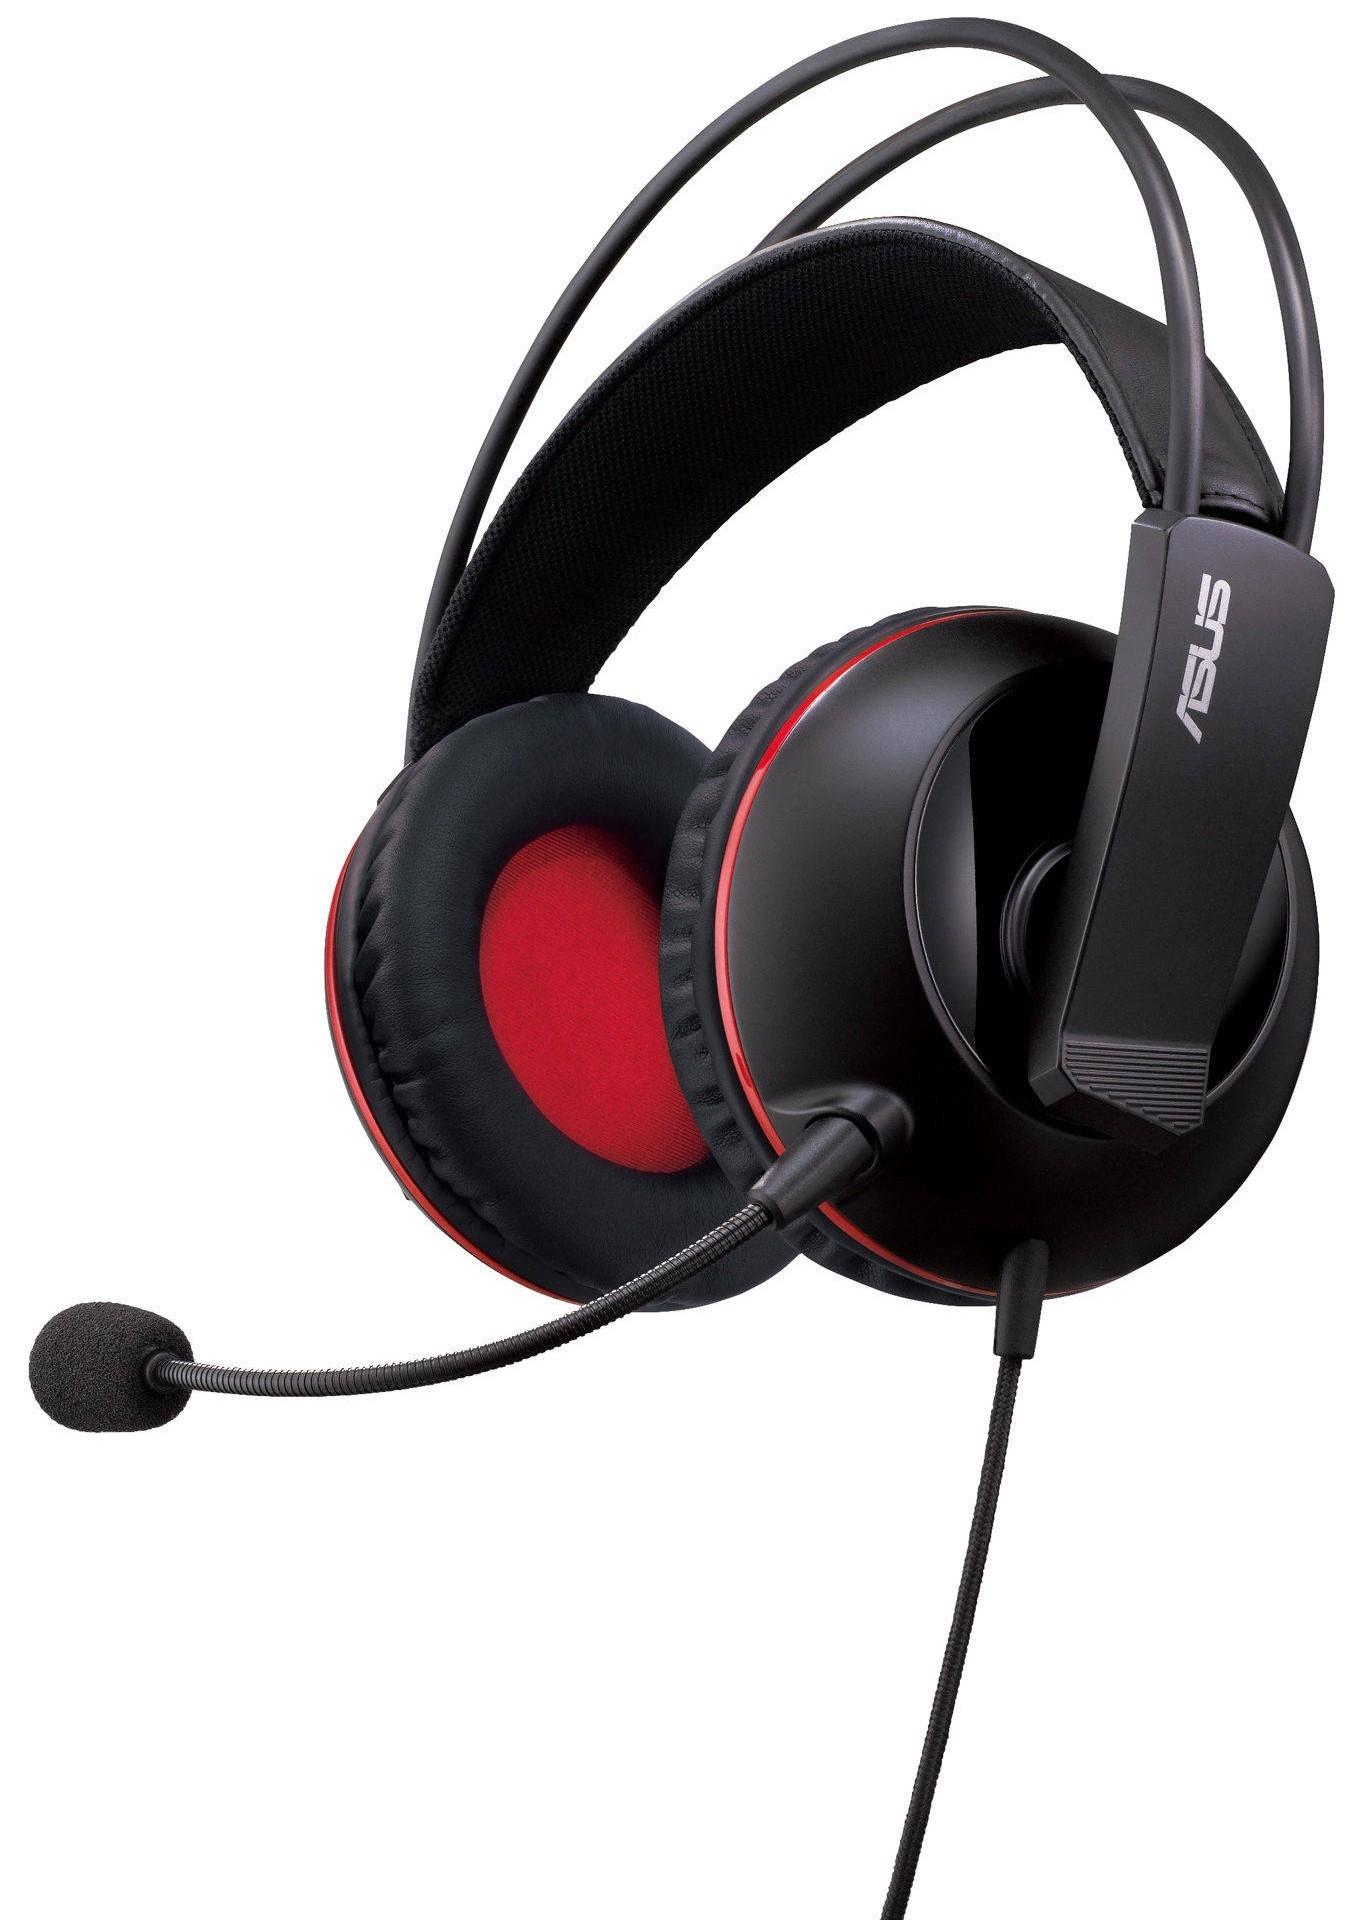 Asus Cerberus Gaming Headset in LL13